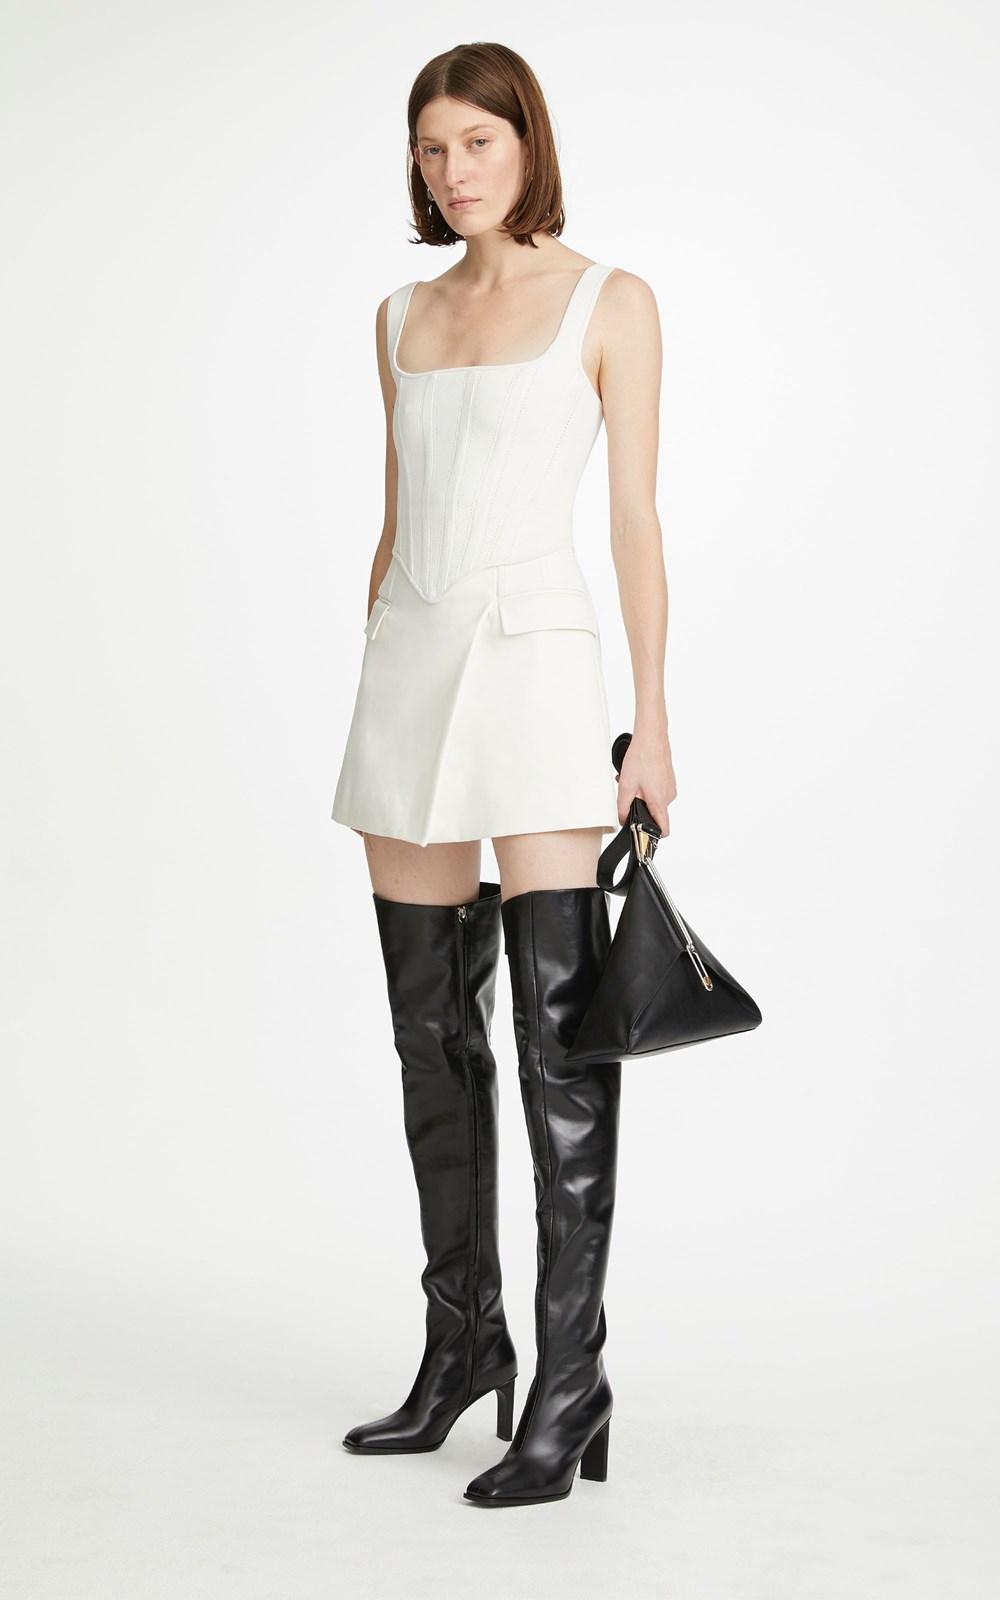 Knitwear | POINTELLE CORSET TOP